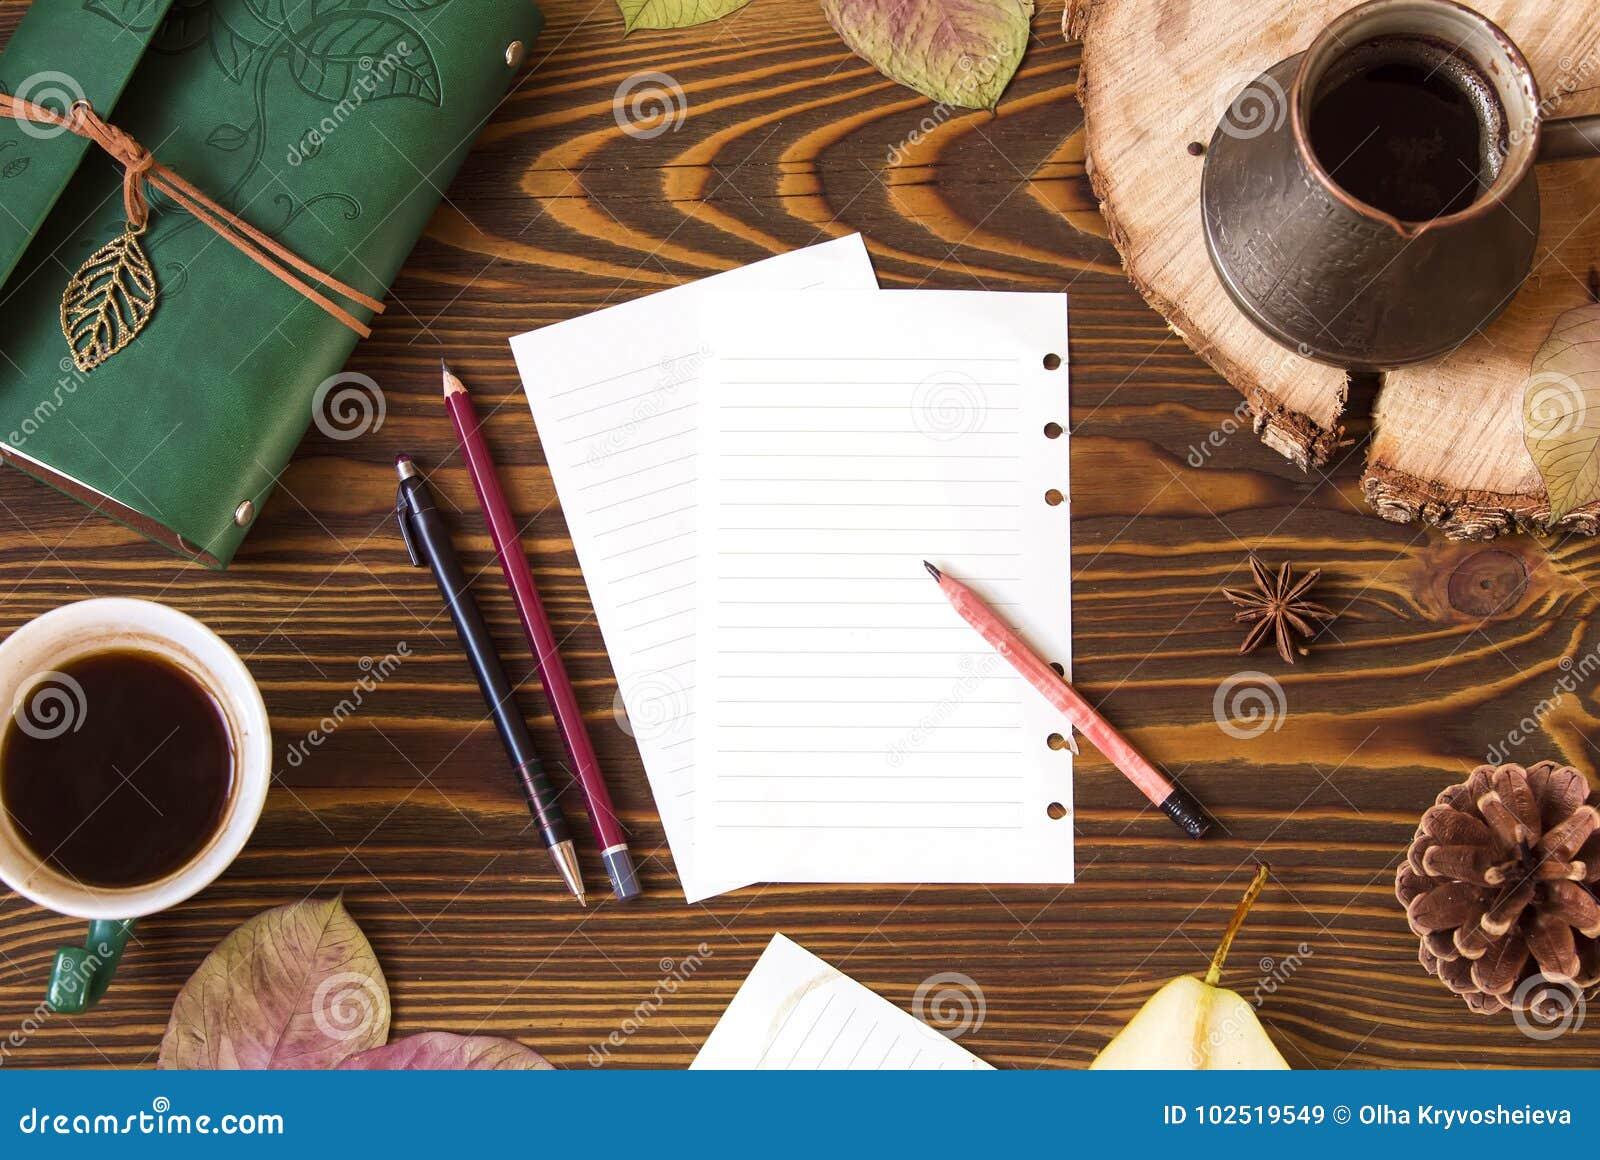 Opinião superior do local de trabalho Fundo de madeira com papel para notas, leiteria, cofee, ezve do  de Ñ, cone, folhas de out